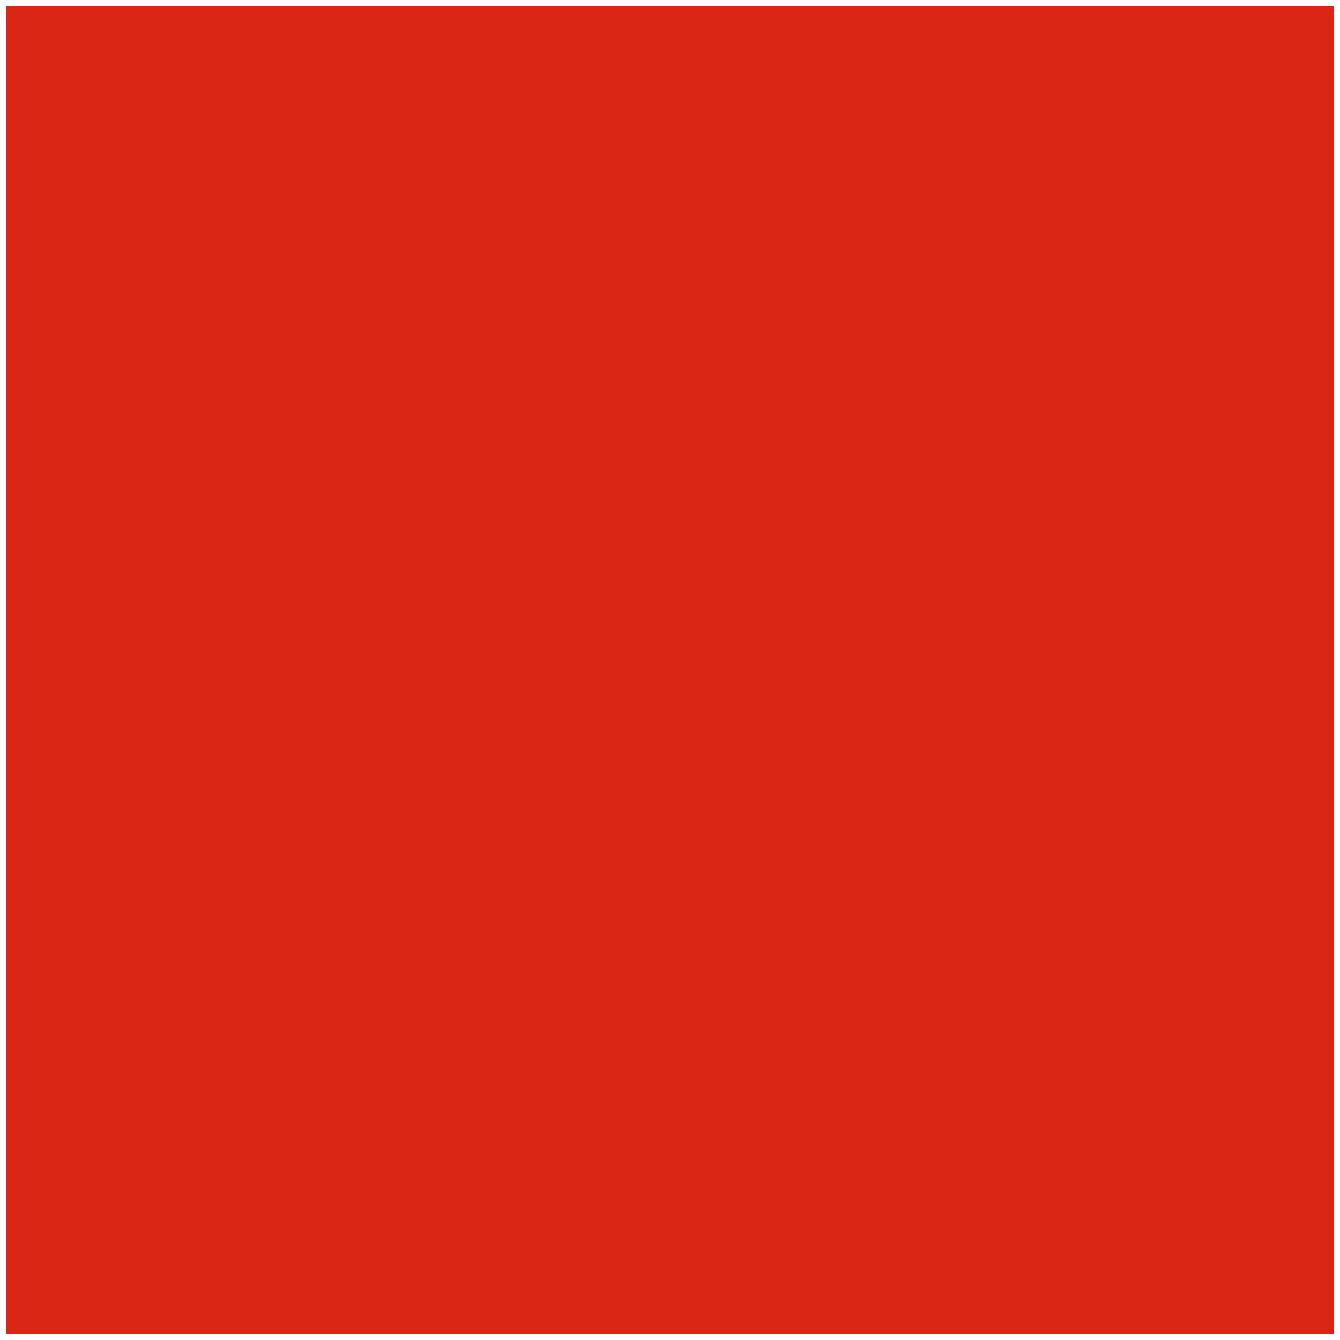 Bild: Roter Kreis